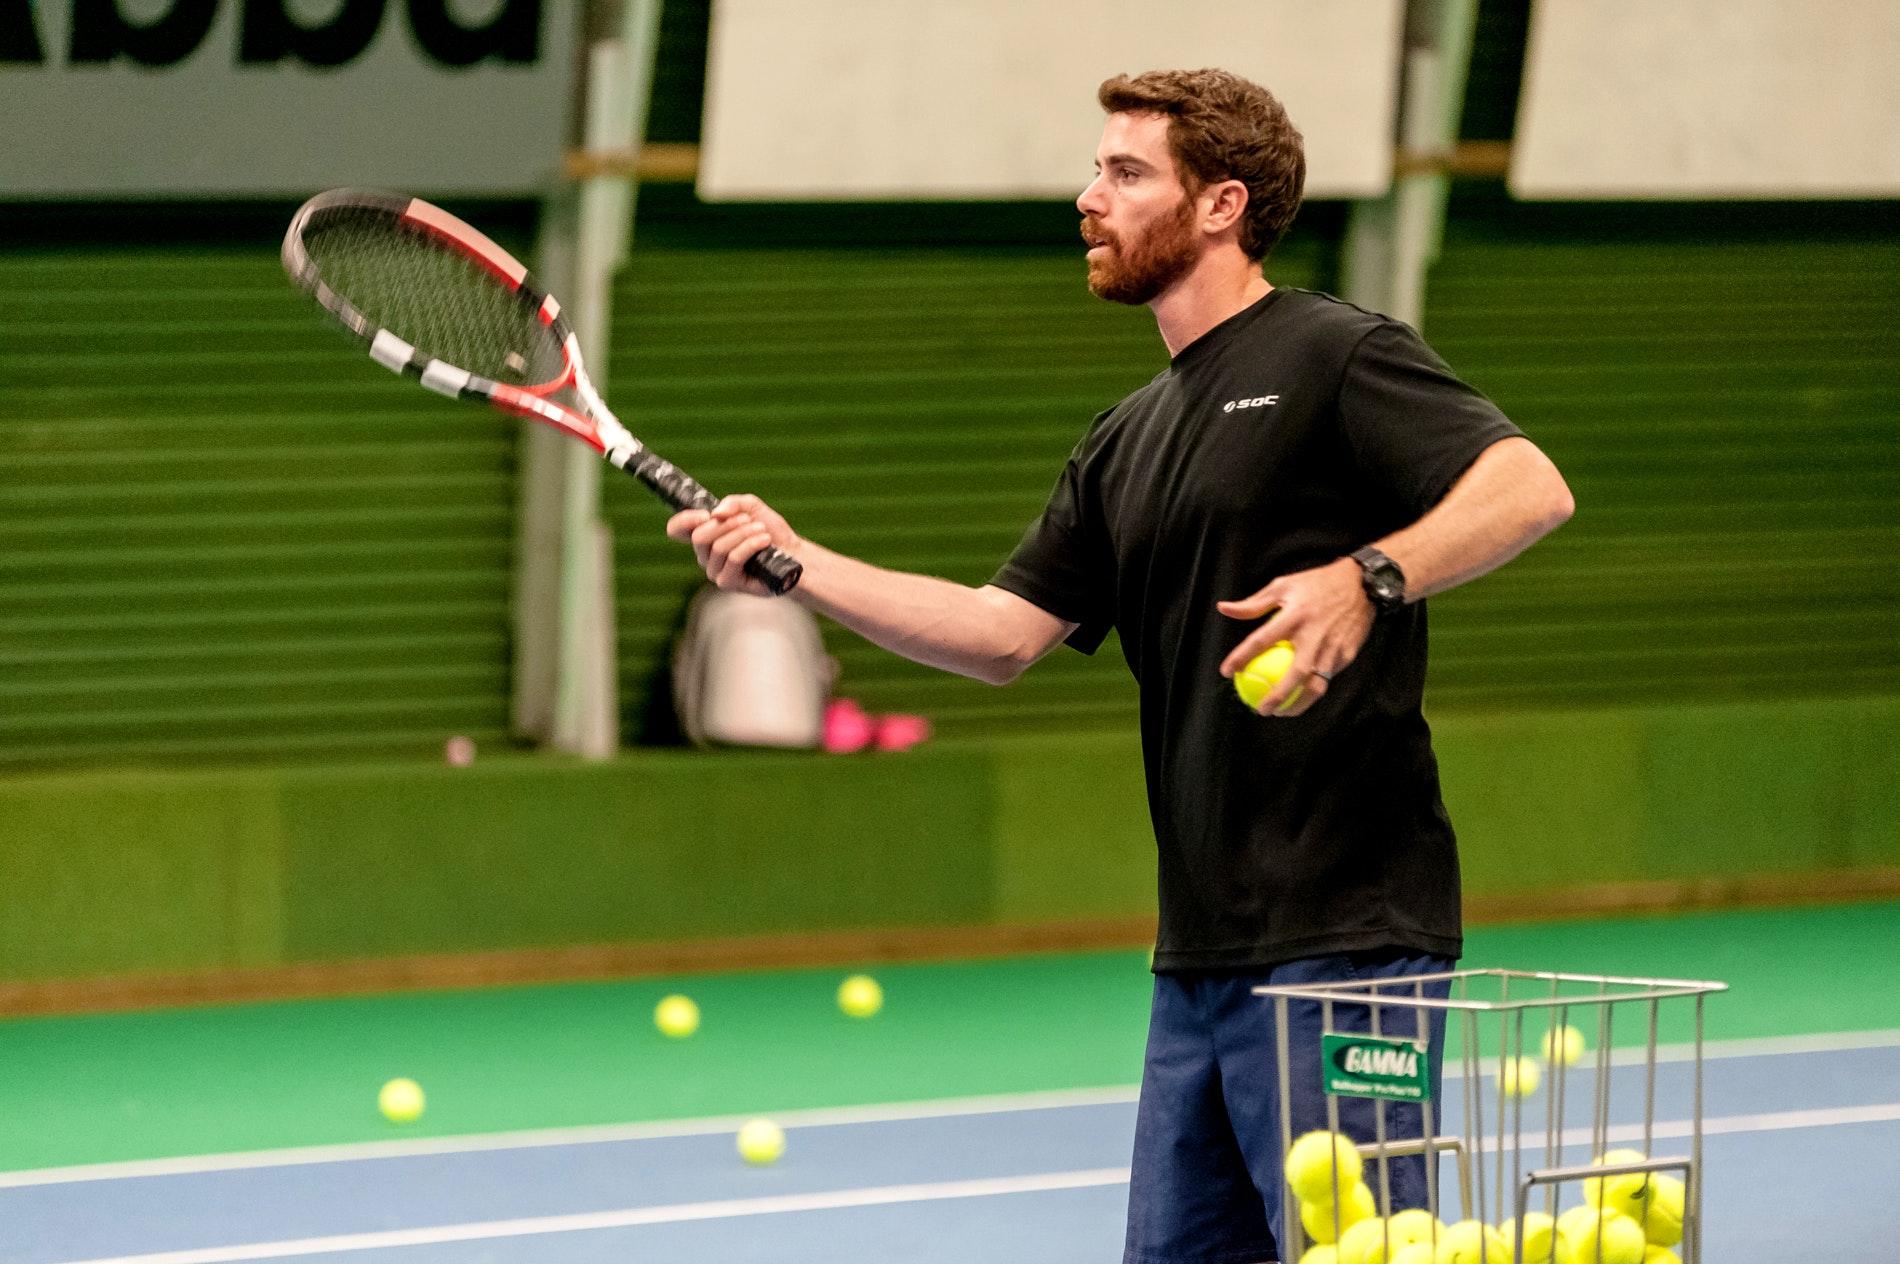 Sean P. teaches tennis lessons in San Francisco, CA